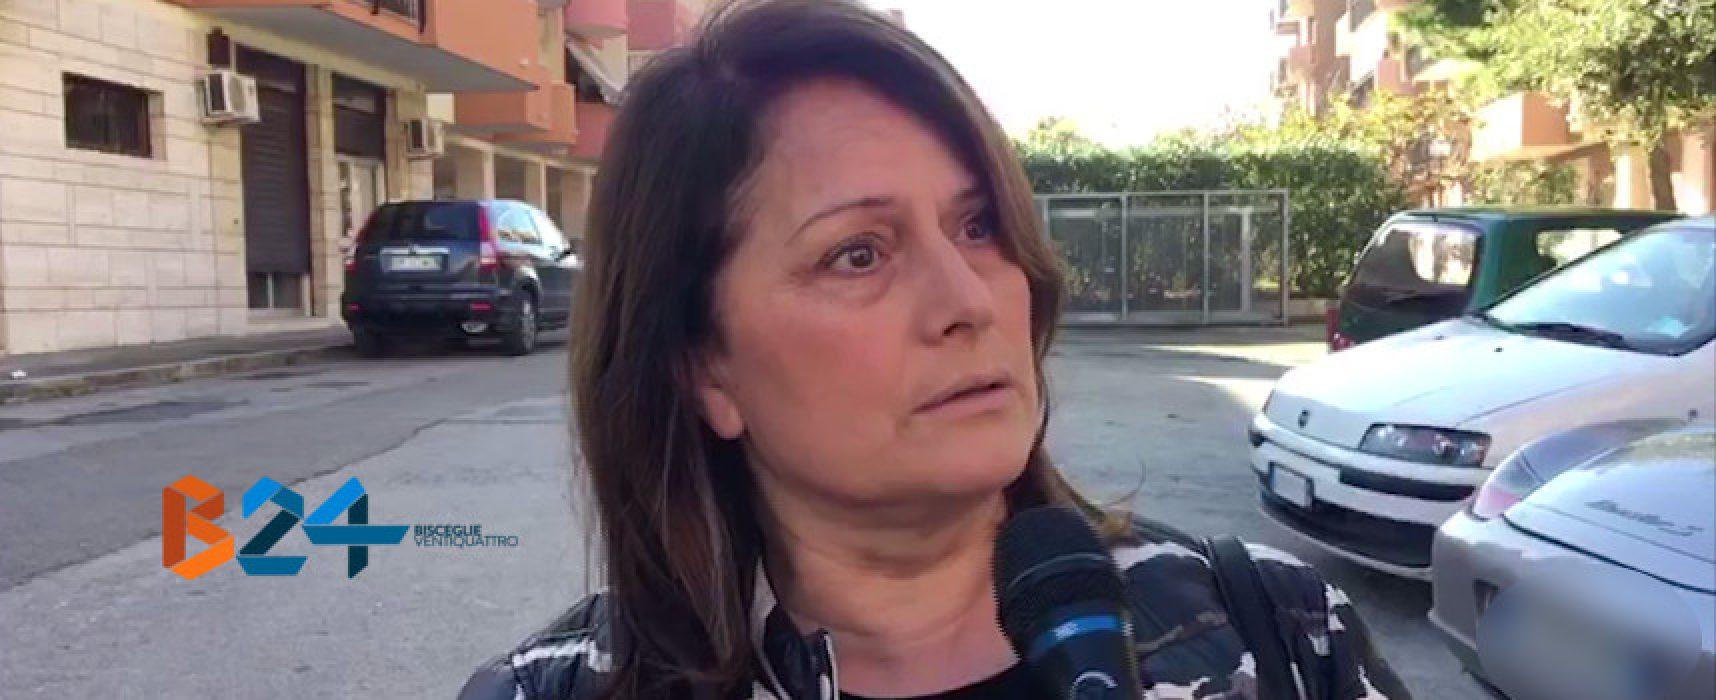 Carabiniere aggredito in Brasile, l'appello della sorella da Bisceglie / VIDEO